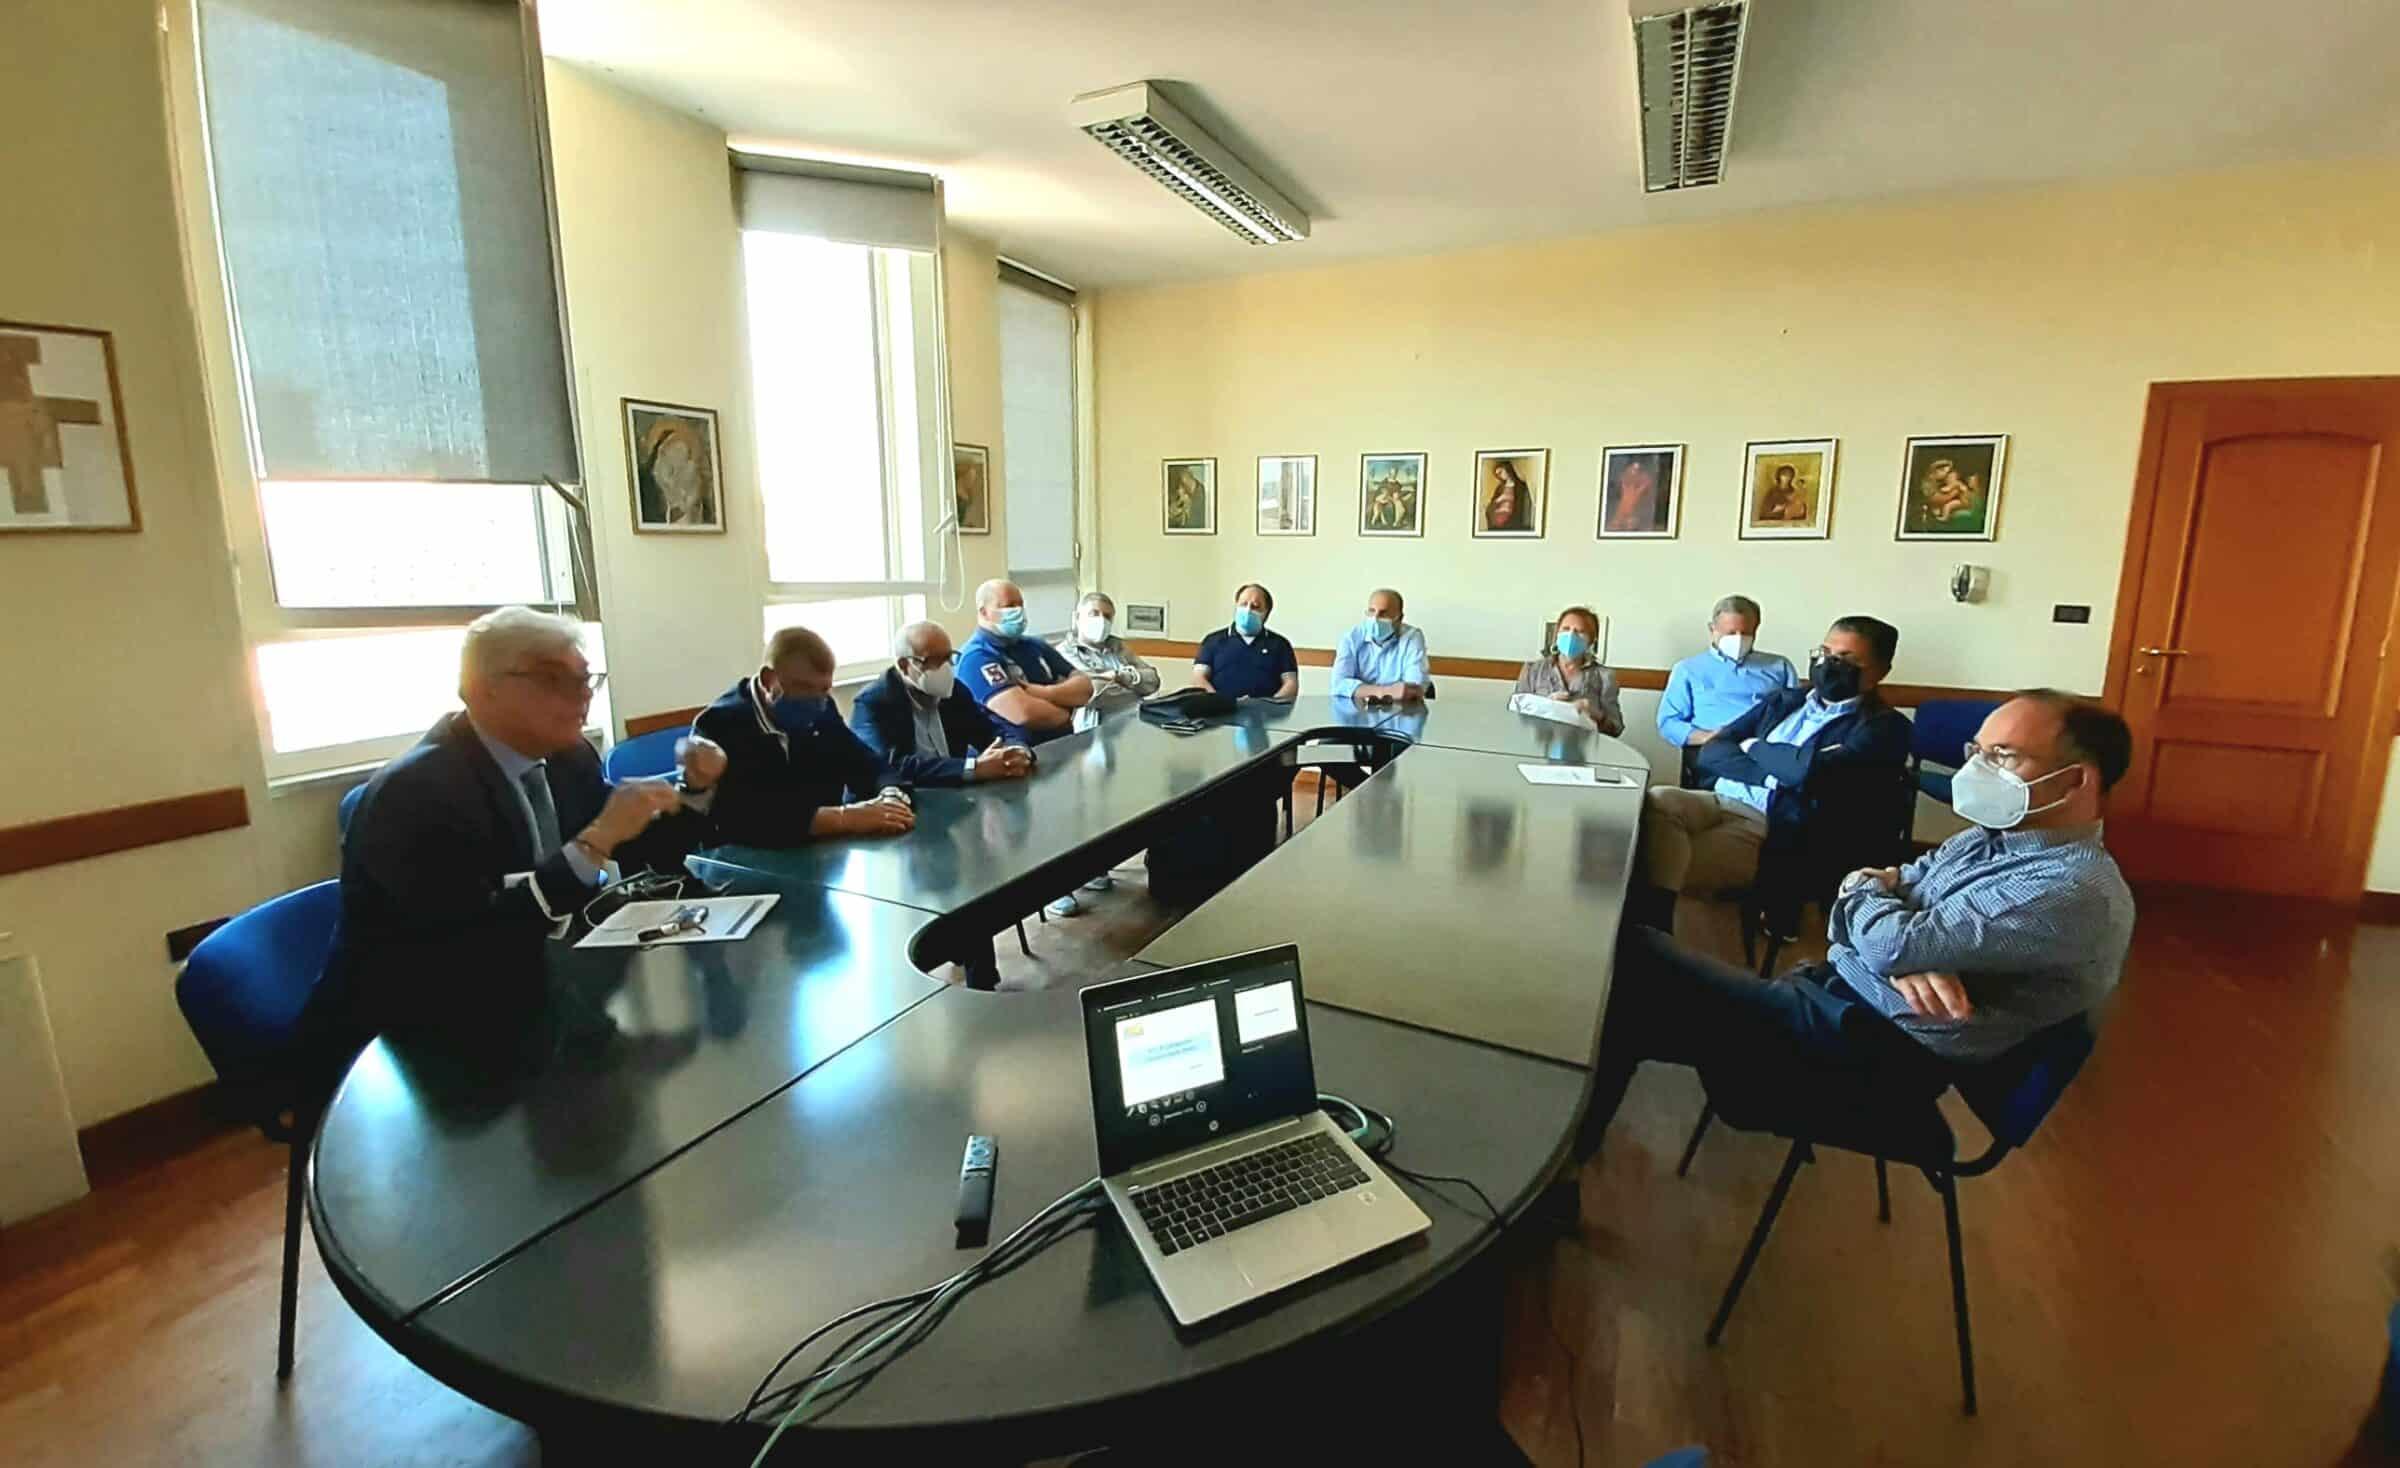 """Stanziati oltre 43 milioni di euro per l'ospedale """"Gravina"""" di Caltagirone, ecco come verranno impiegati"""